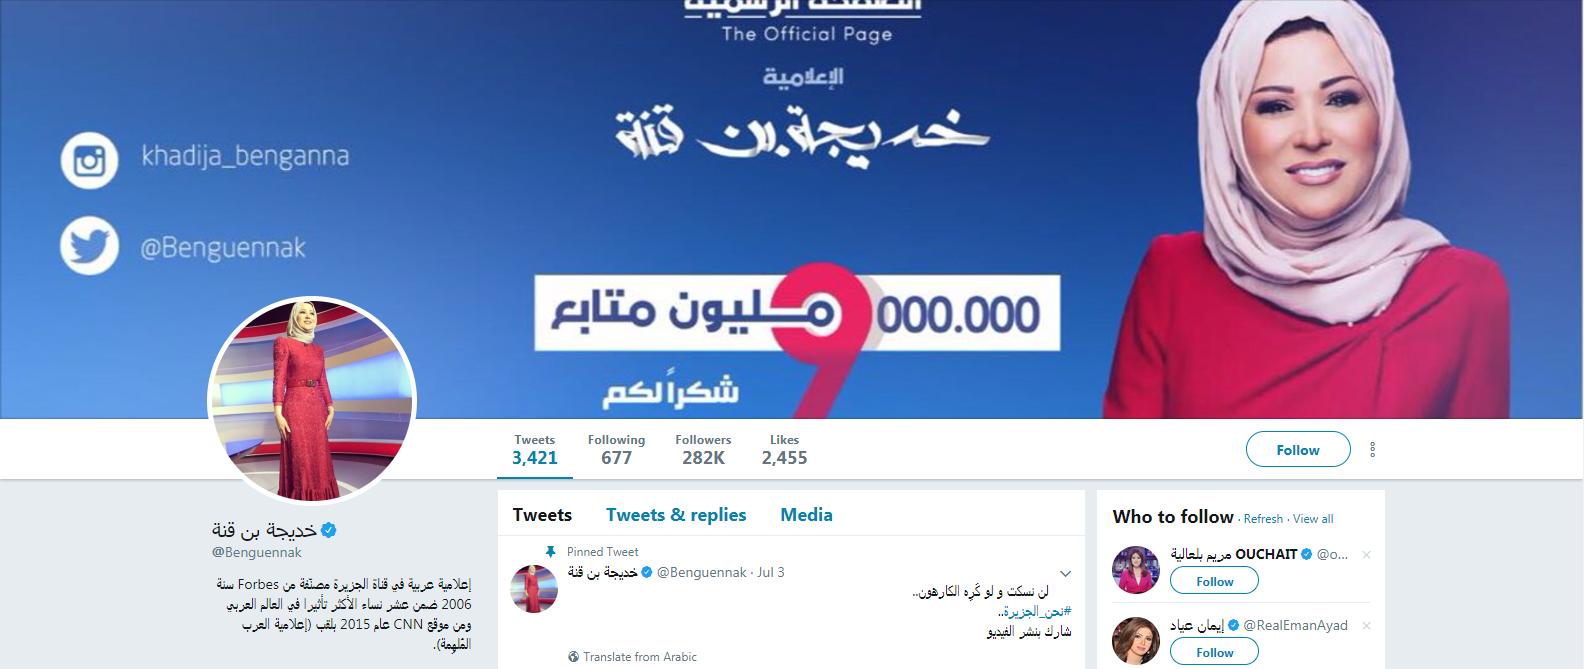 خديجة بن قنة On Twitter ماذا